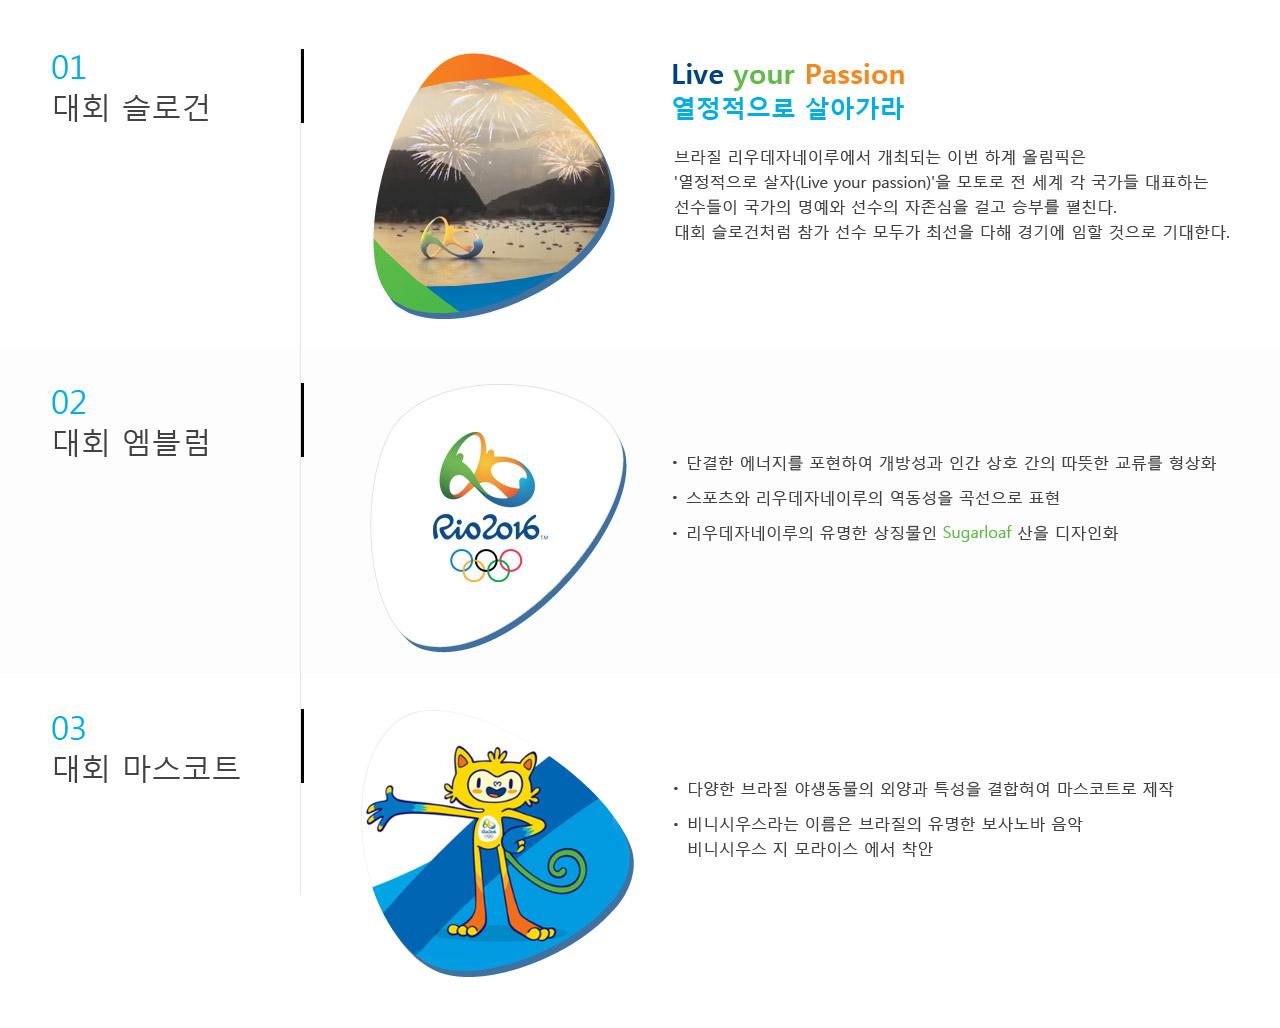 대회 슬로건: Live your Passion(열정적으로 살아가라) 브라질 리우데자네이루에서 개최되는 하계 올림픽은 '열정적으로 살자(Live your passion)'을 모토로 전 세계 각 국가들 대표하는 선수들이 국가의 명예와 선수의 자존심을 걸고 펼친다.대회 슬로건처럼 참가 선수 모두가 최선을 다해 경기에 임할 것으로 기대한다. | 대회 엠블럼: 단결한 에너지를 포현하여 개방성과 인간 상호 간의 따뜻한 교류를 형상화, 스포츠와 리우데자네이루의 역동성을 곡선으로 표현, 리우데자네이루의 유명한 상징물인 Sugarloaf 산을 디자인화 | 대회 마스코트: 다양한 브라질 야생동물의 외양과 특성을 결합혀여 마스코트로 제작, 비니시우스라는 이름은 브라질의 유명한 보사노바 음악, 비니시우스 지 모라이스 에서 착안